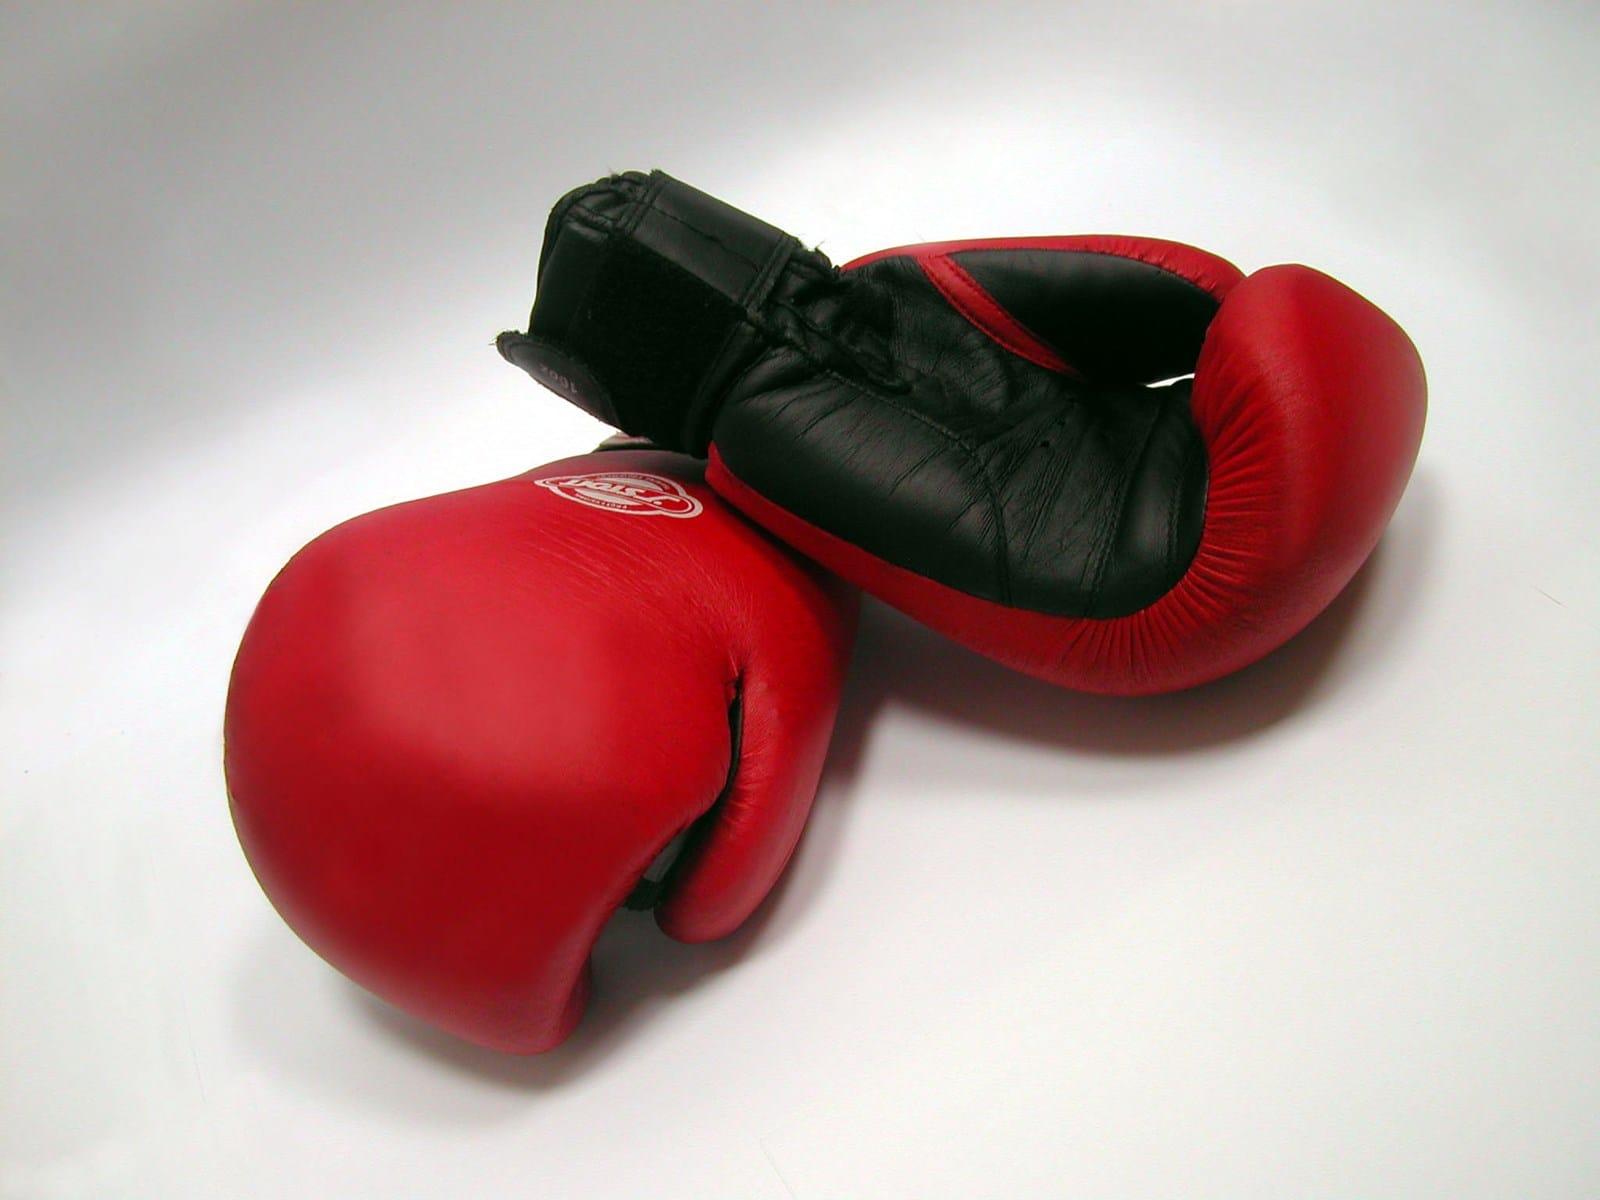 Entrenamiento general de boxeo - Boxeo - Todoexpertos.com